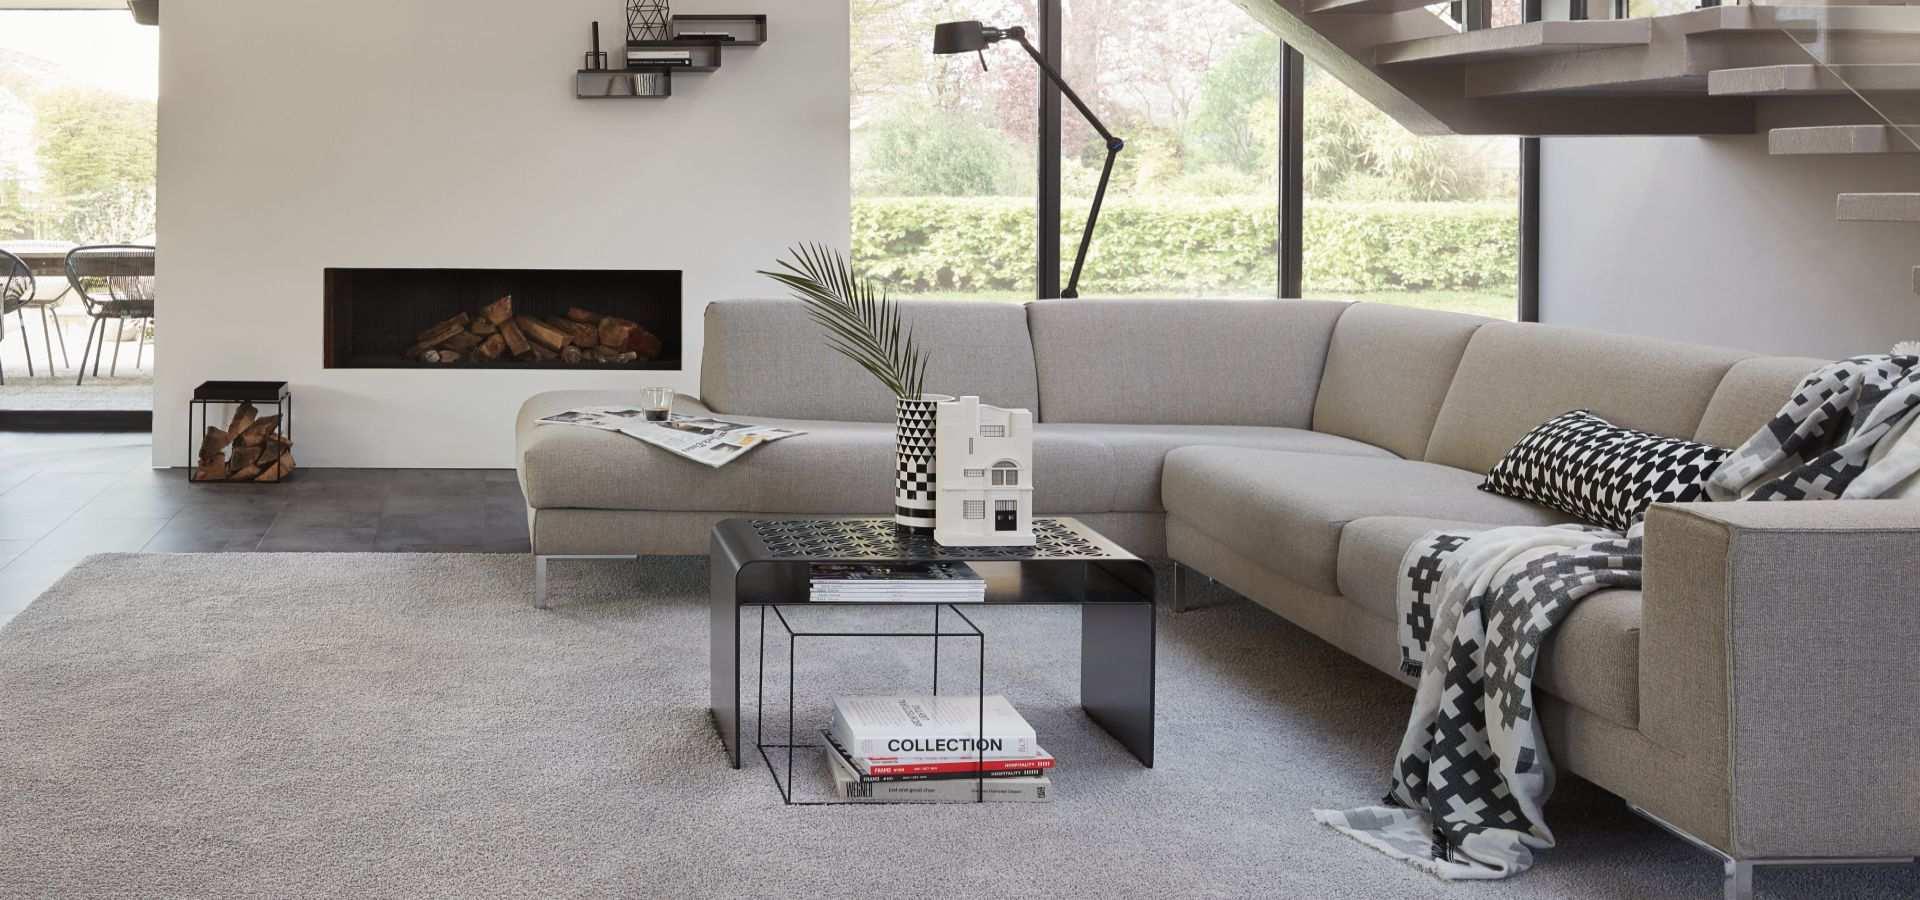 Bild Wohnzimmer Teppichboden Soft Touch grau meliert